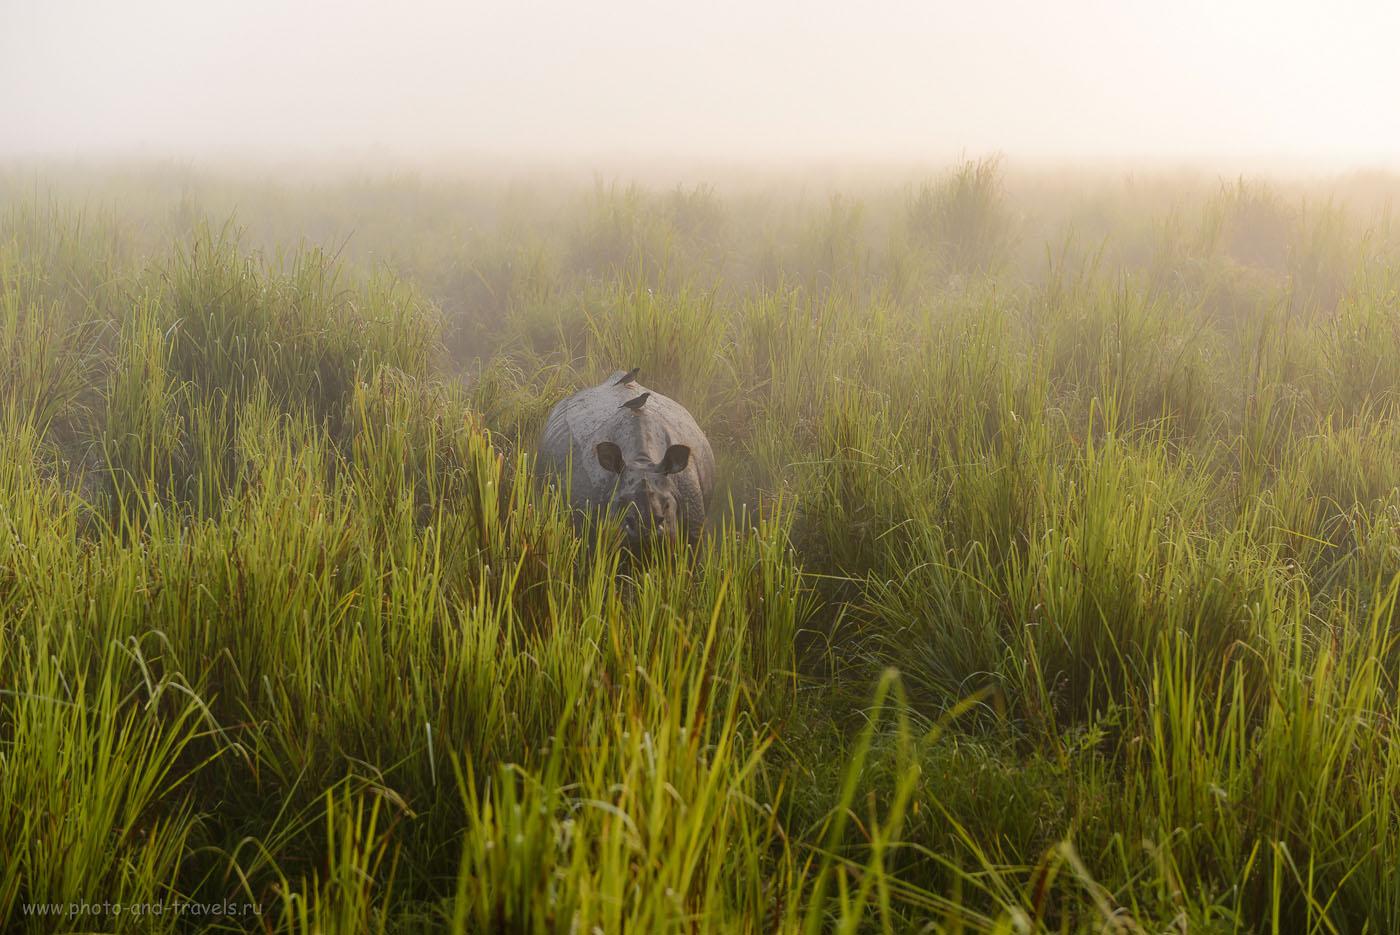 Фотография 8. Носорог в национальном парке Казиранга в индийском штате Ассам. Отчеты о сафари на слонах. 1/800, -0.33, 3.5, 200, 70. Объектив: Nikon 24-70mm f/2.8G